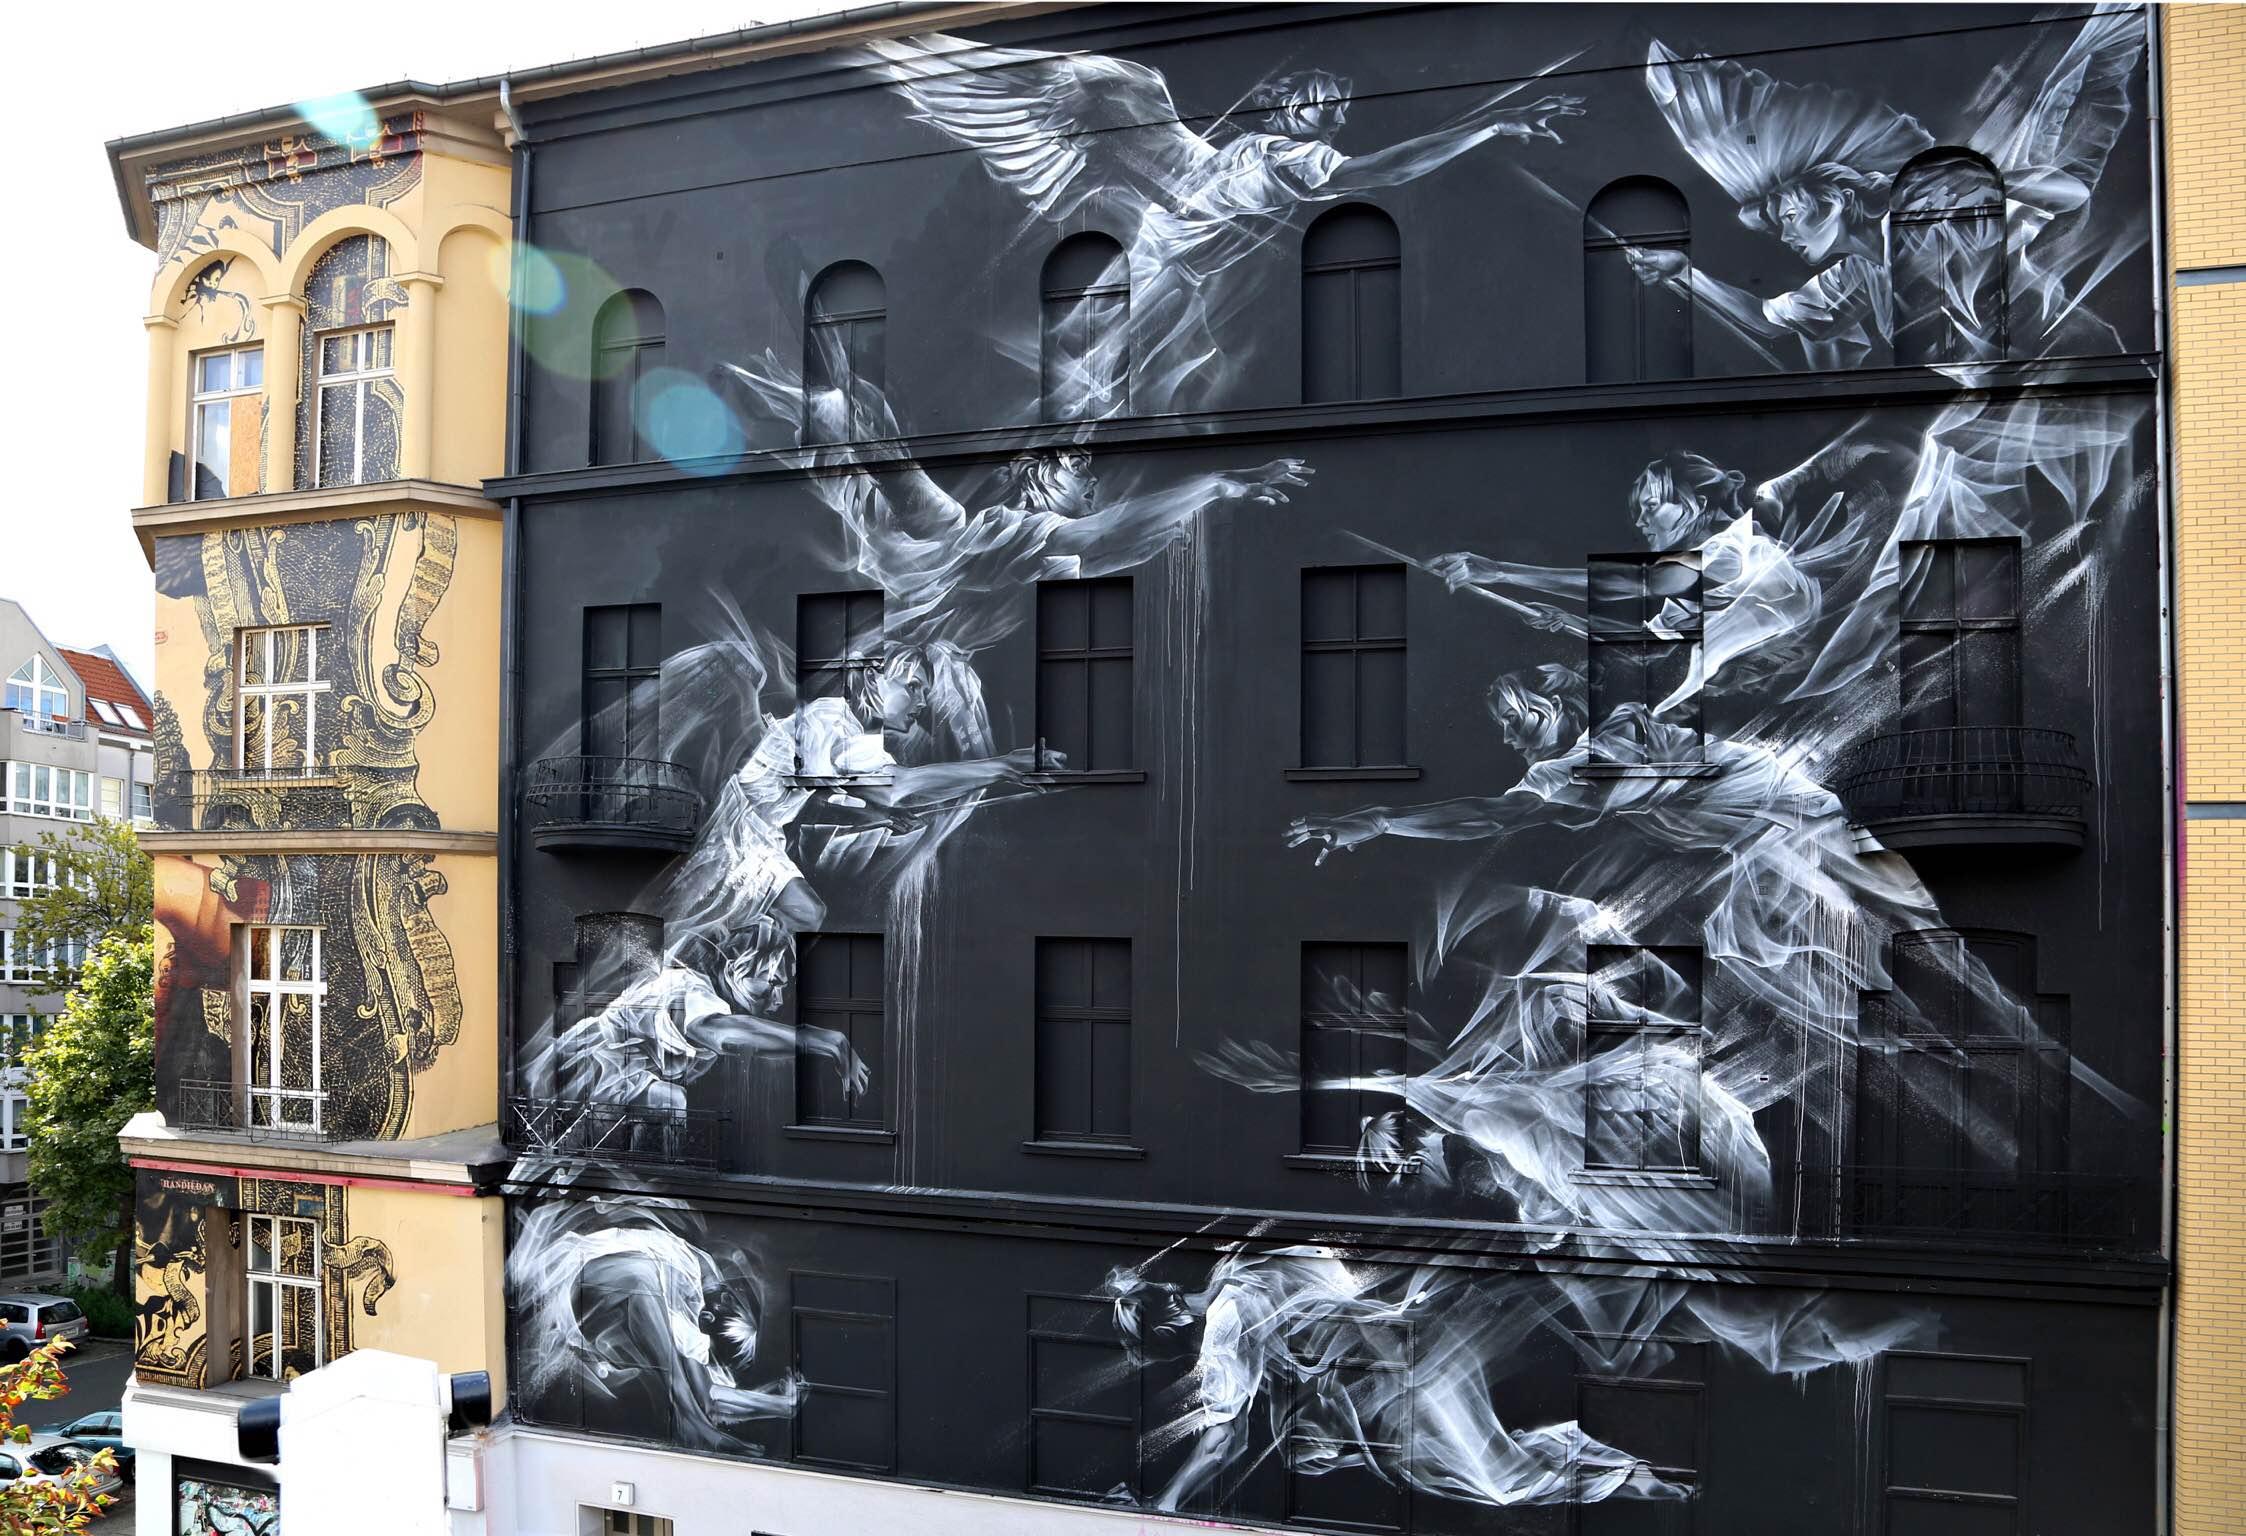 Стріт-артисти з усього світу розпишуть стіни Києва та інших міст України - фото 1